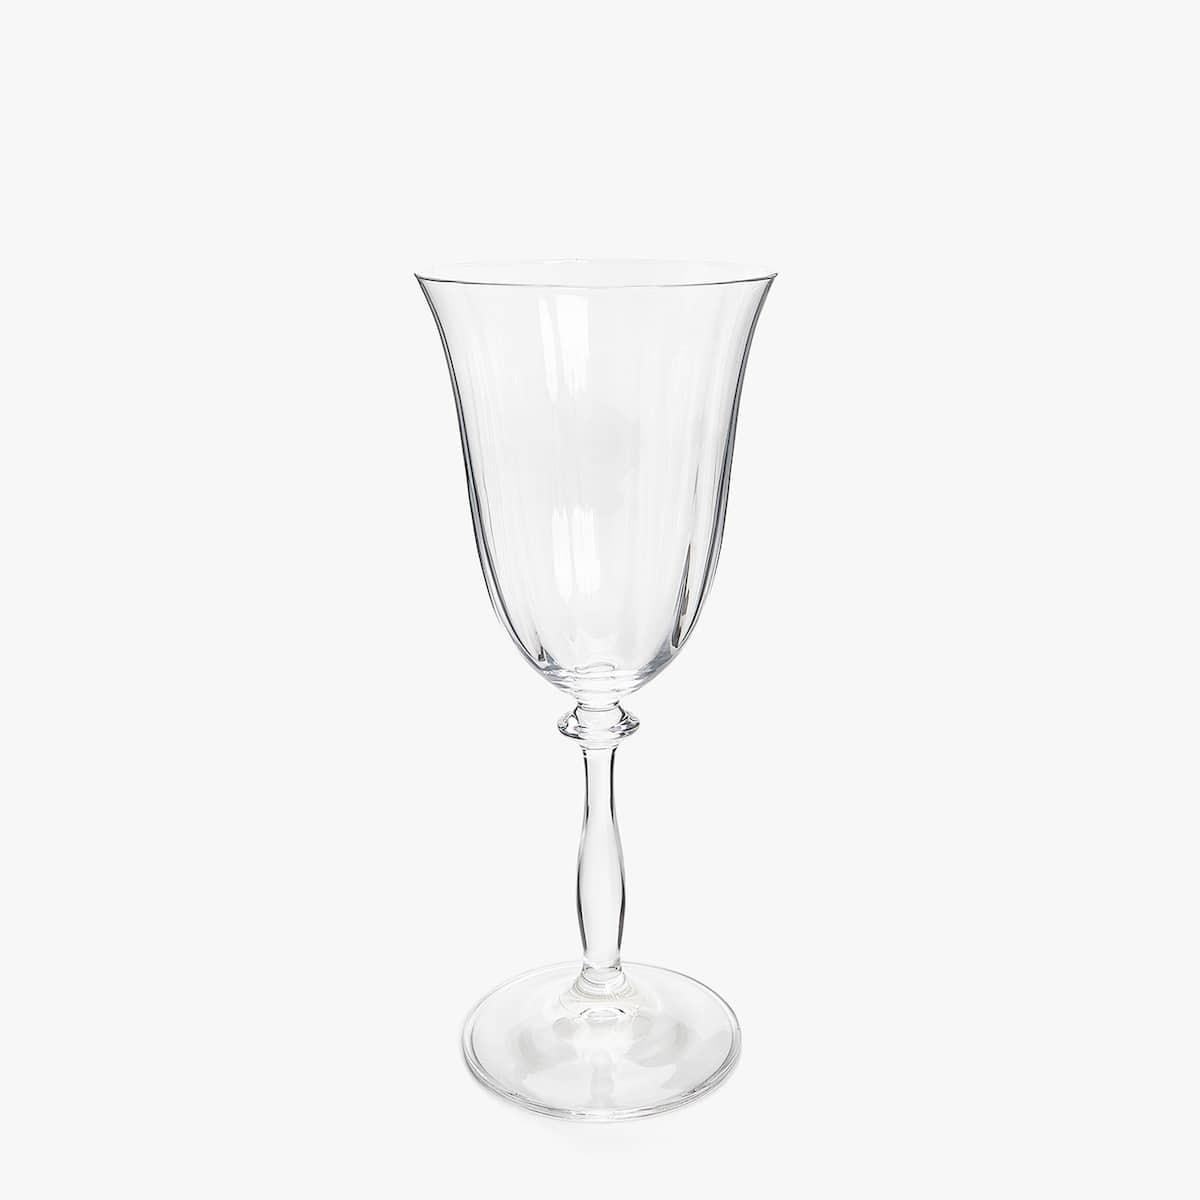 Afbeelding 1 van het product glas